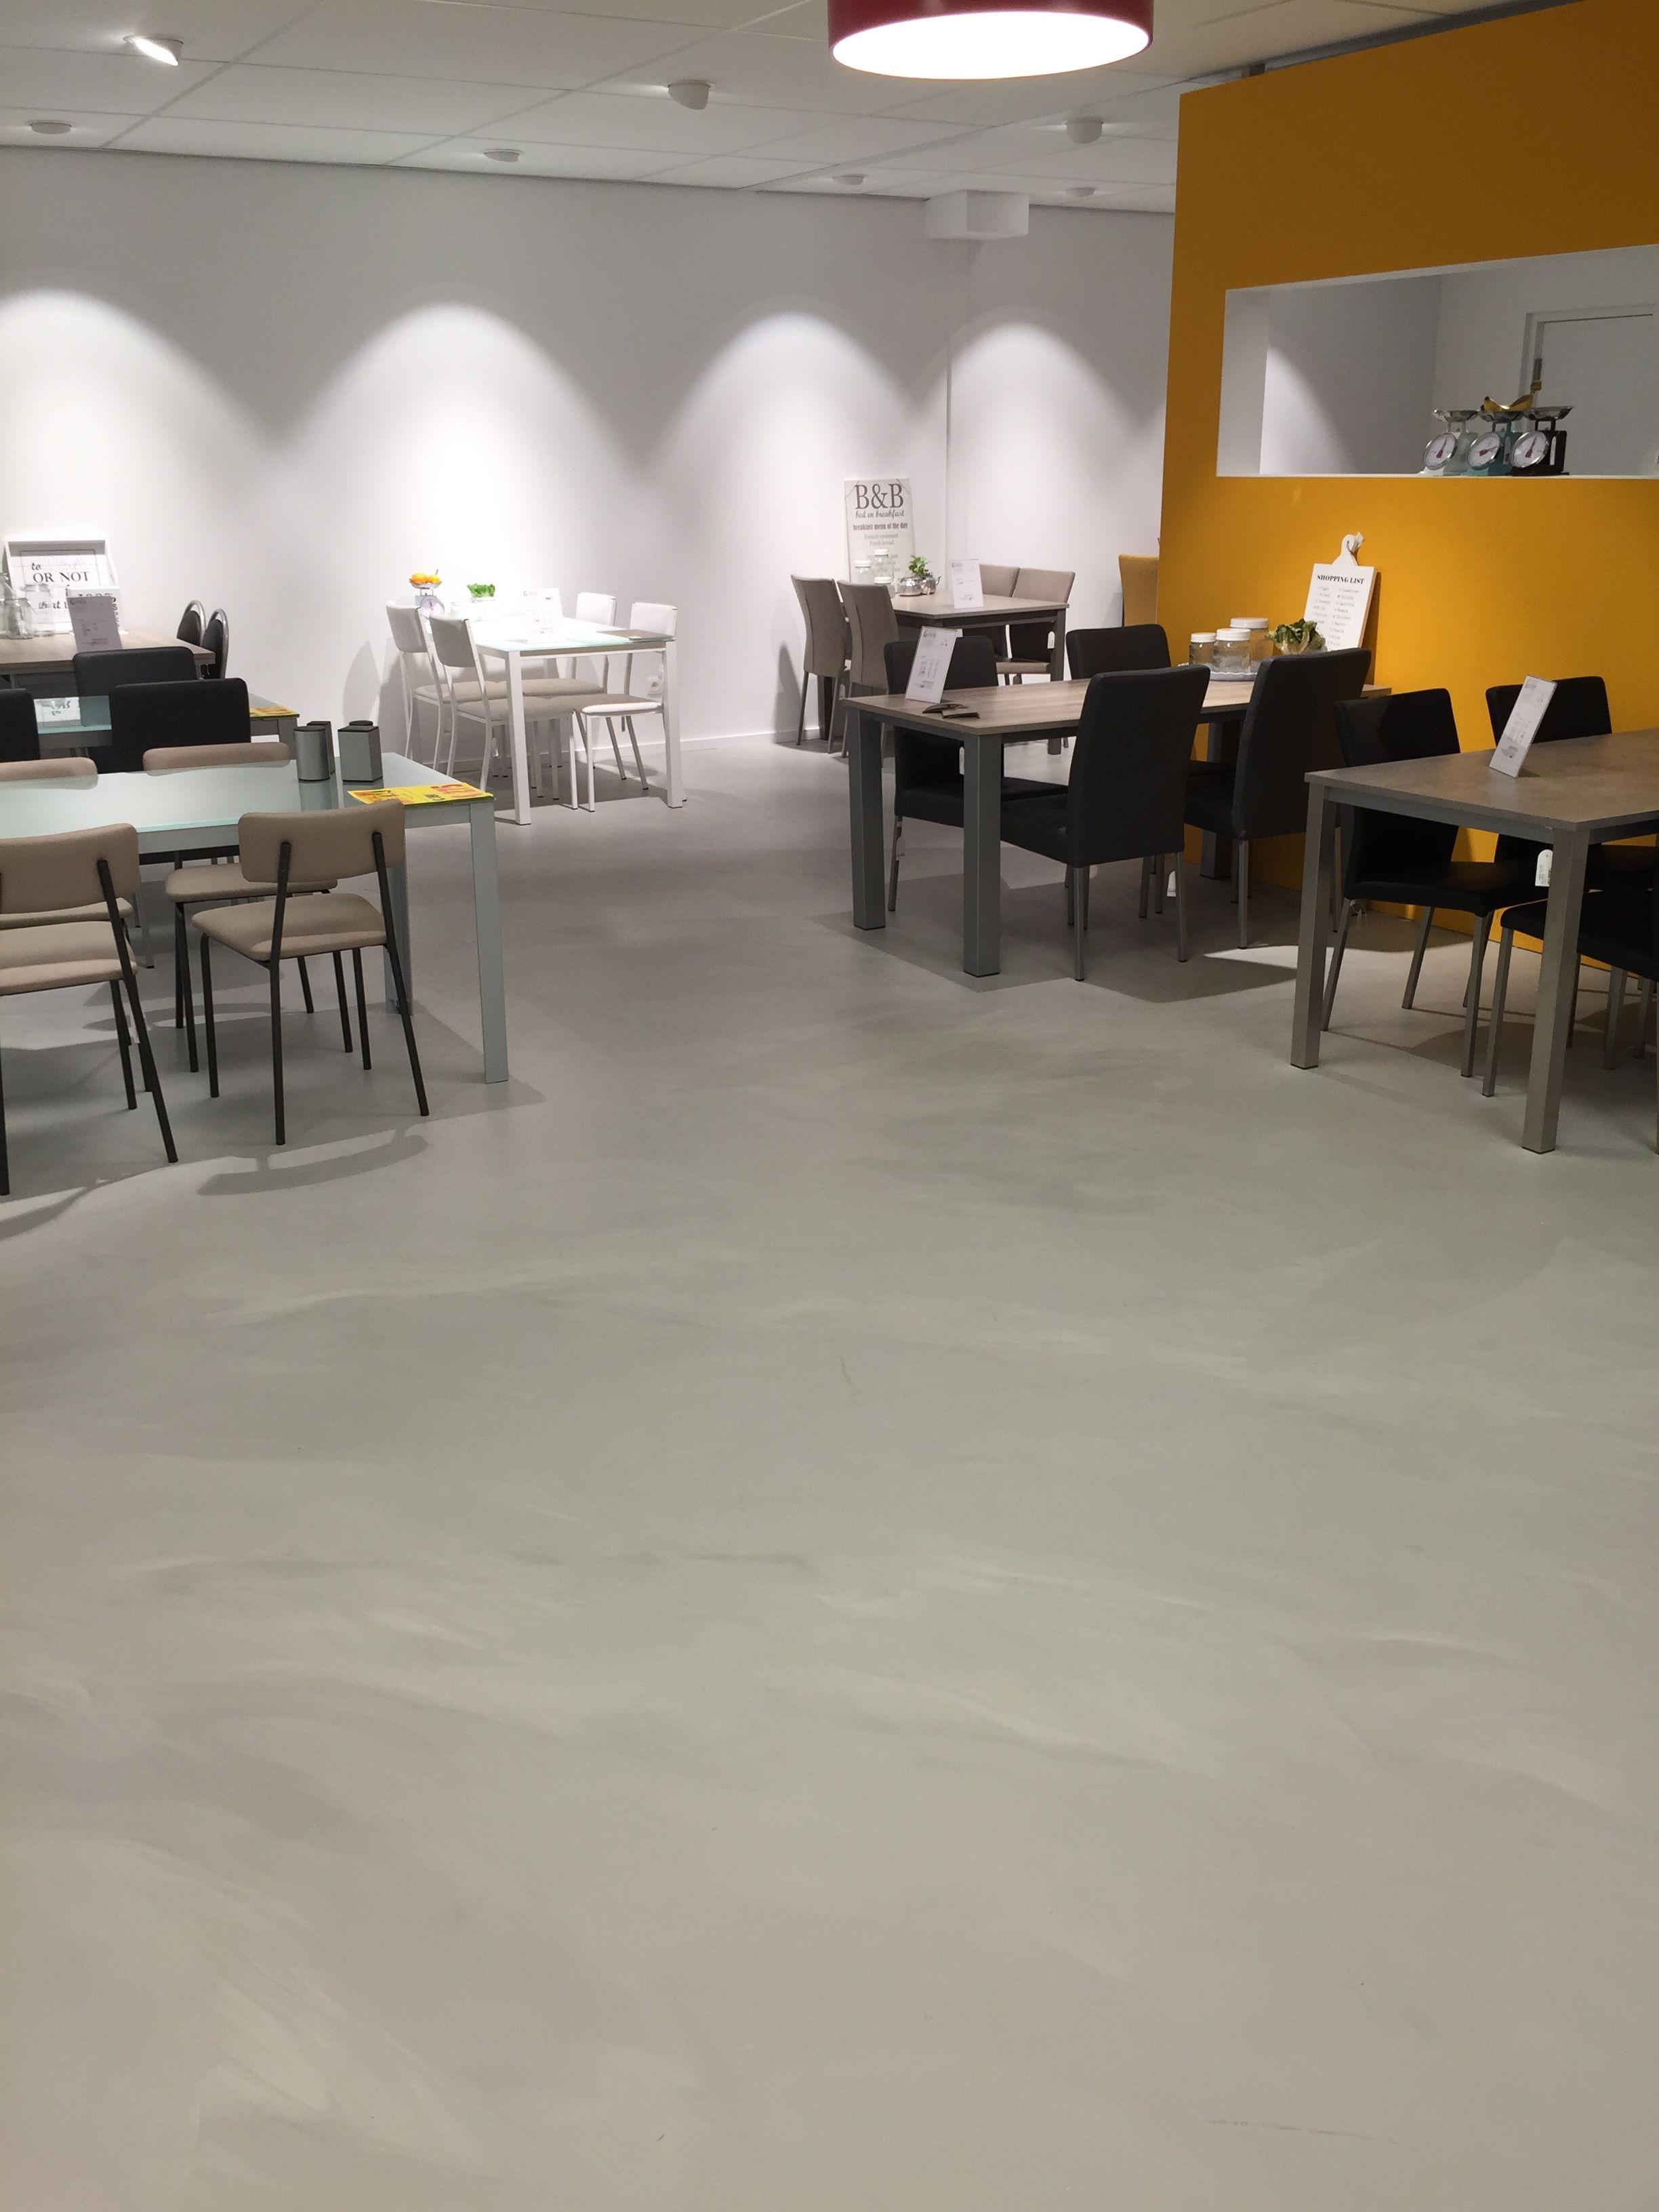 gietvloer betonlook | beton vloer woonkamer | Pinterest